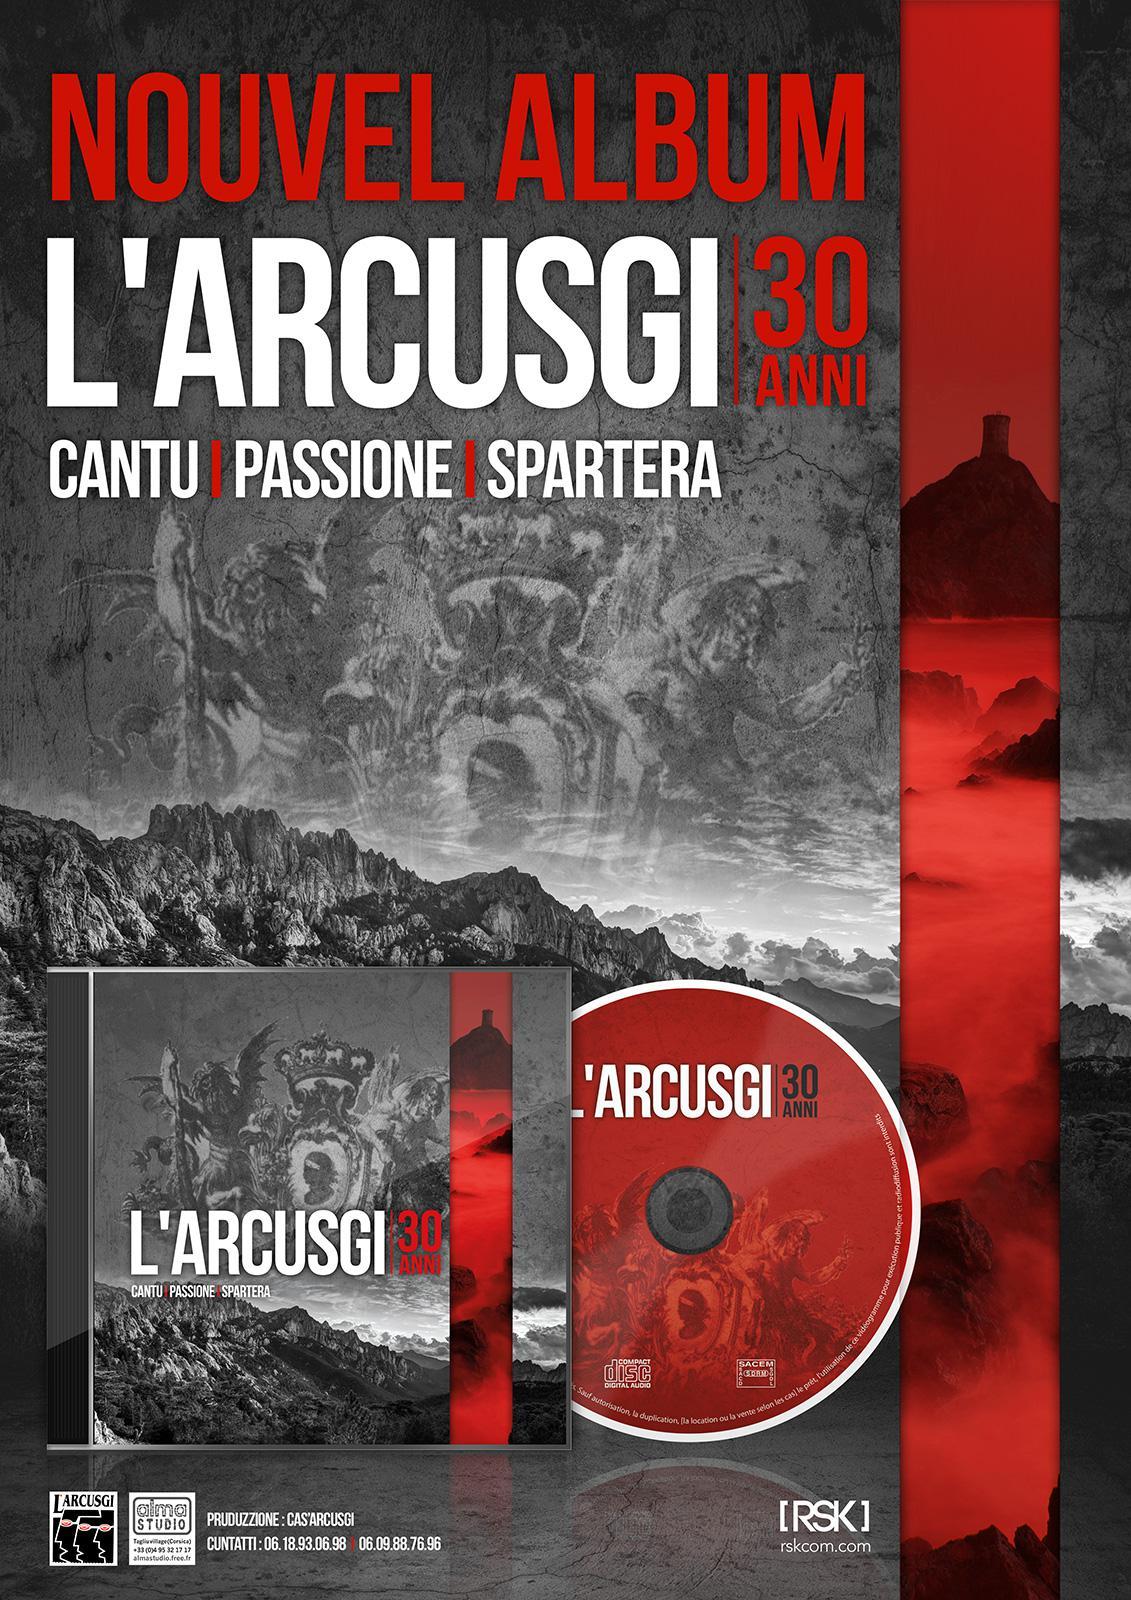 Design pochette CD et identité visuel